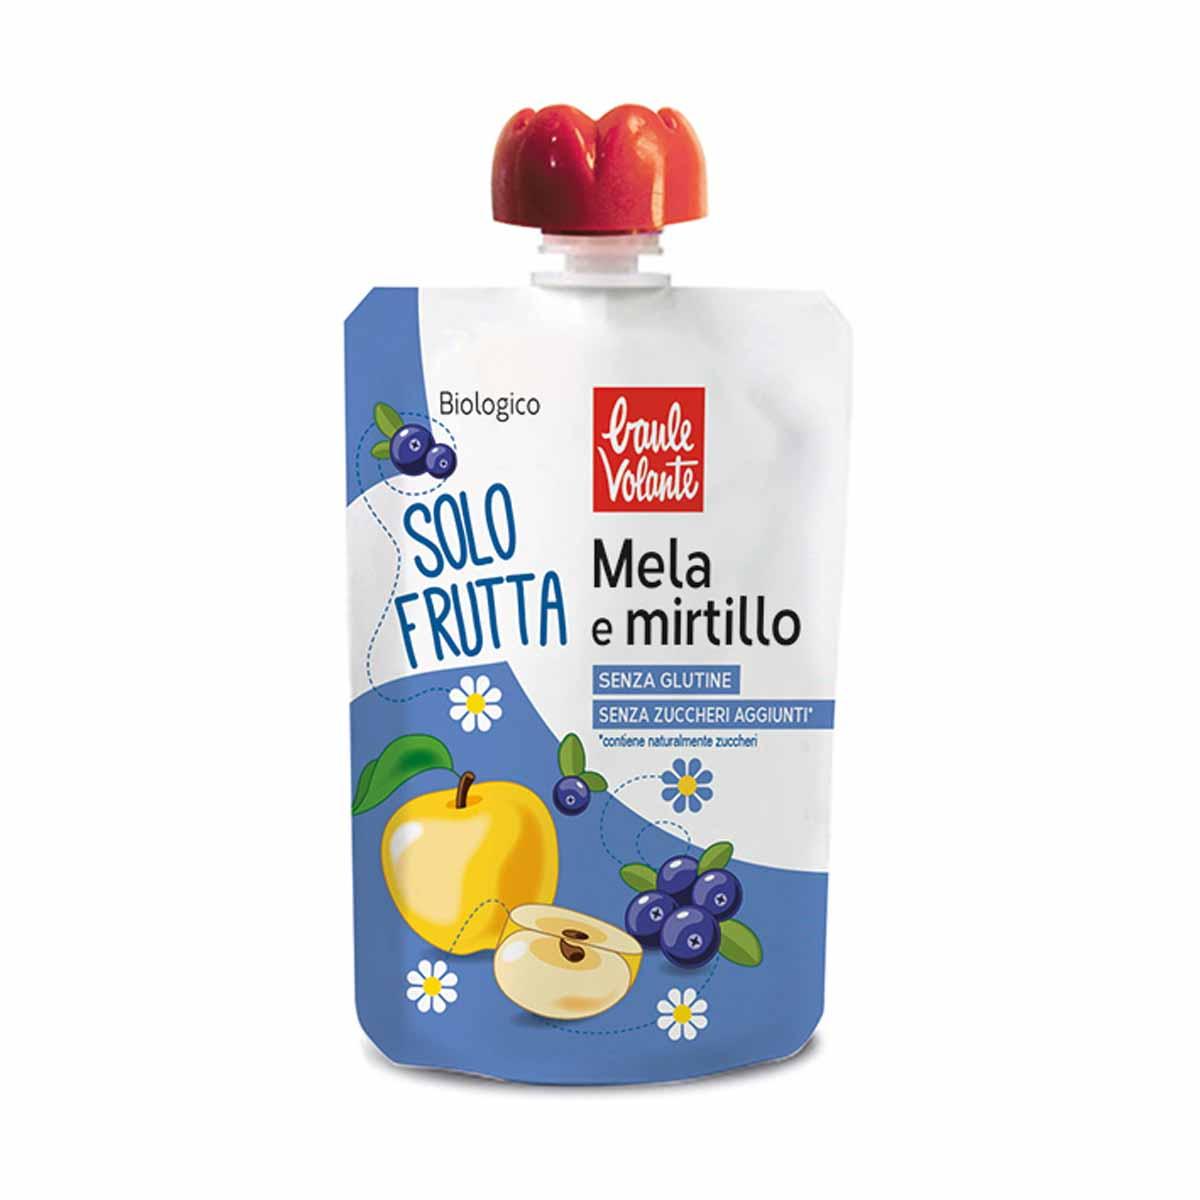 Baule Volante Solo frutta Mela e Mirtillo